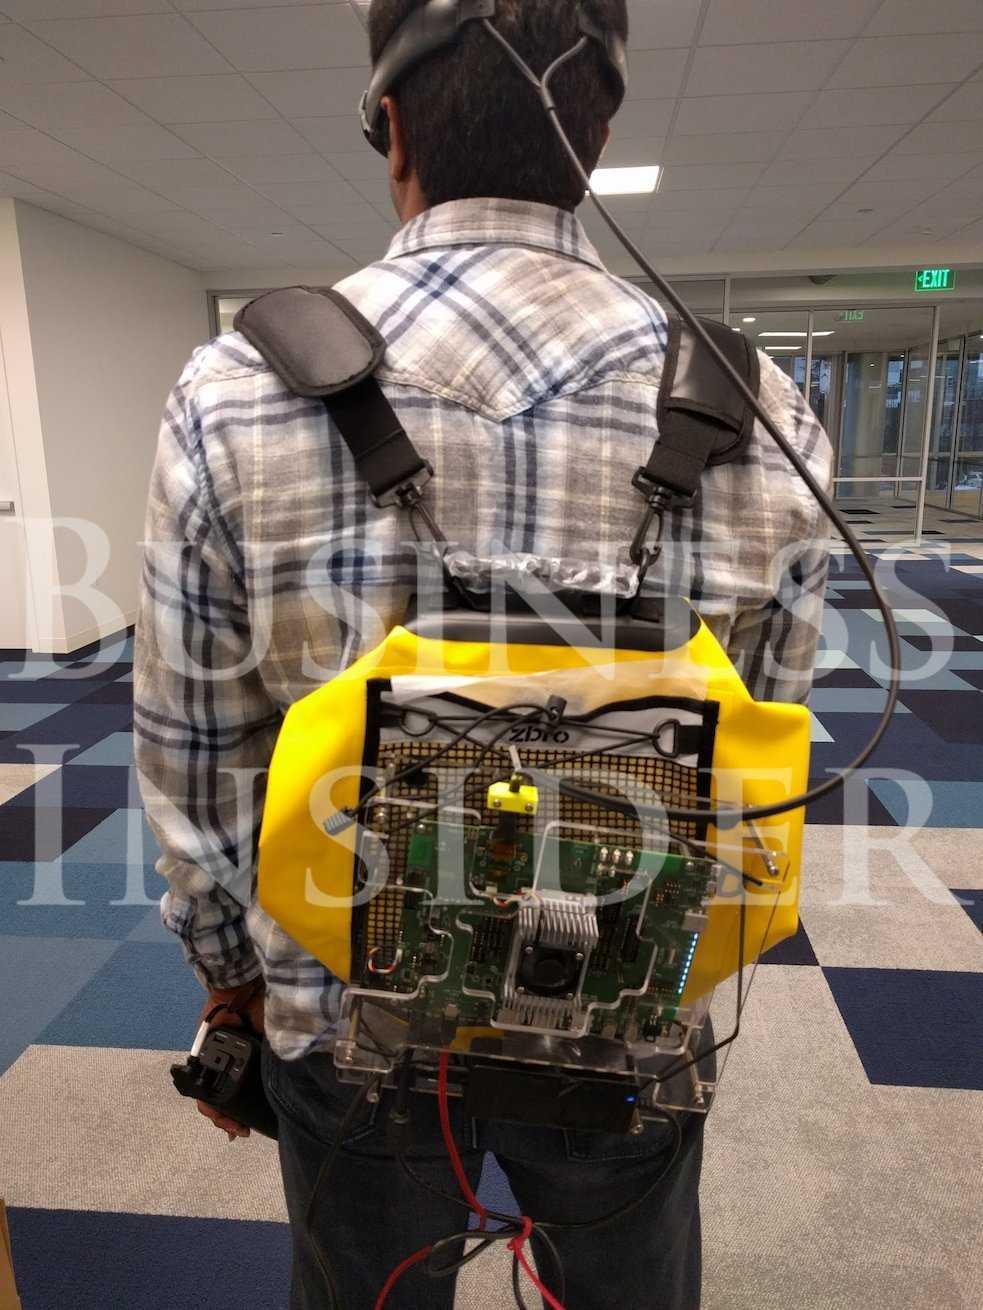 Nackte Technik: So sieht der Prototyp des tragbaren Augmented-Reality-Geräts von Magic Leap aus.